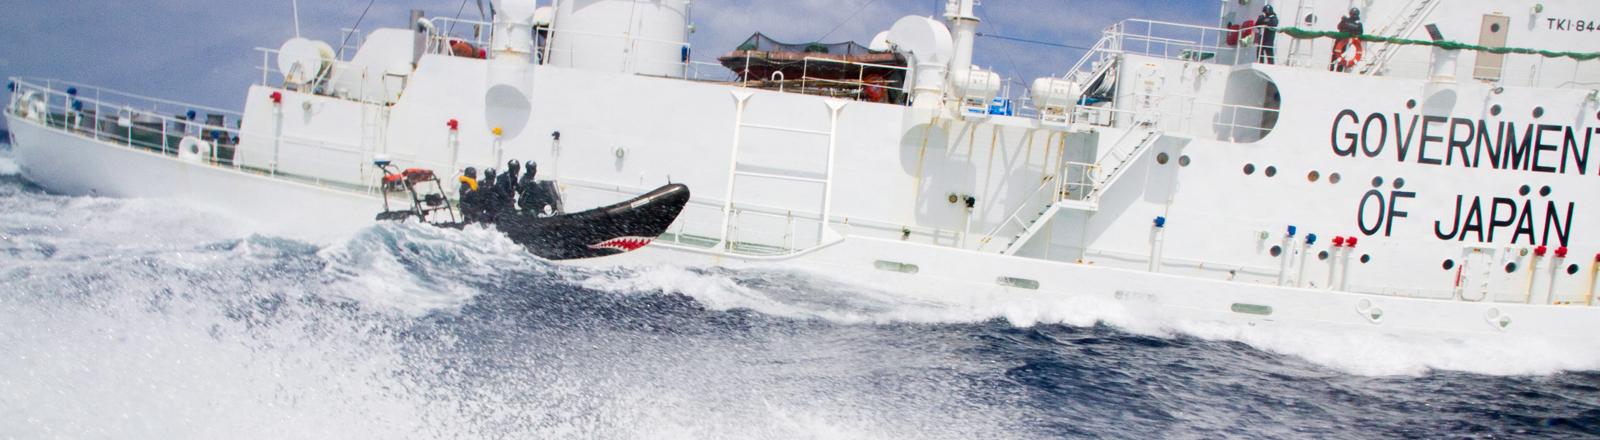 Kleines Boot von Sea Shepherd neben großem Boot der japanischen Küstenwache.